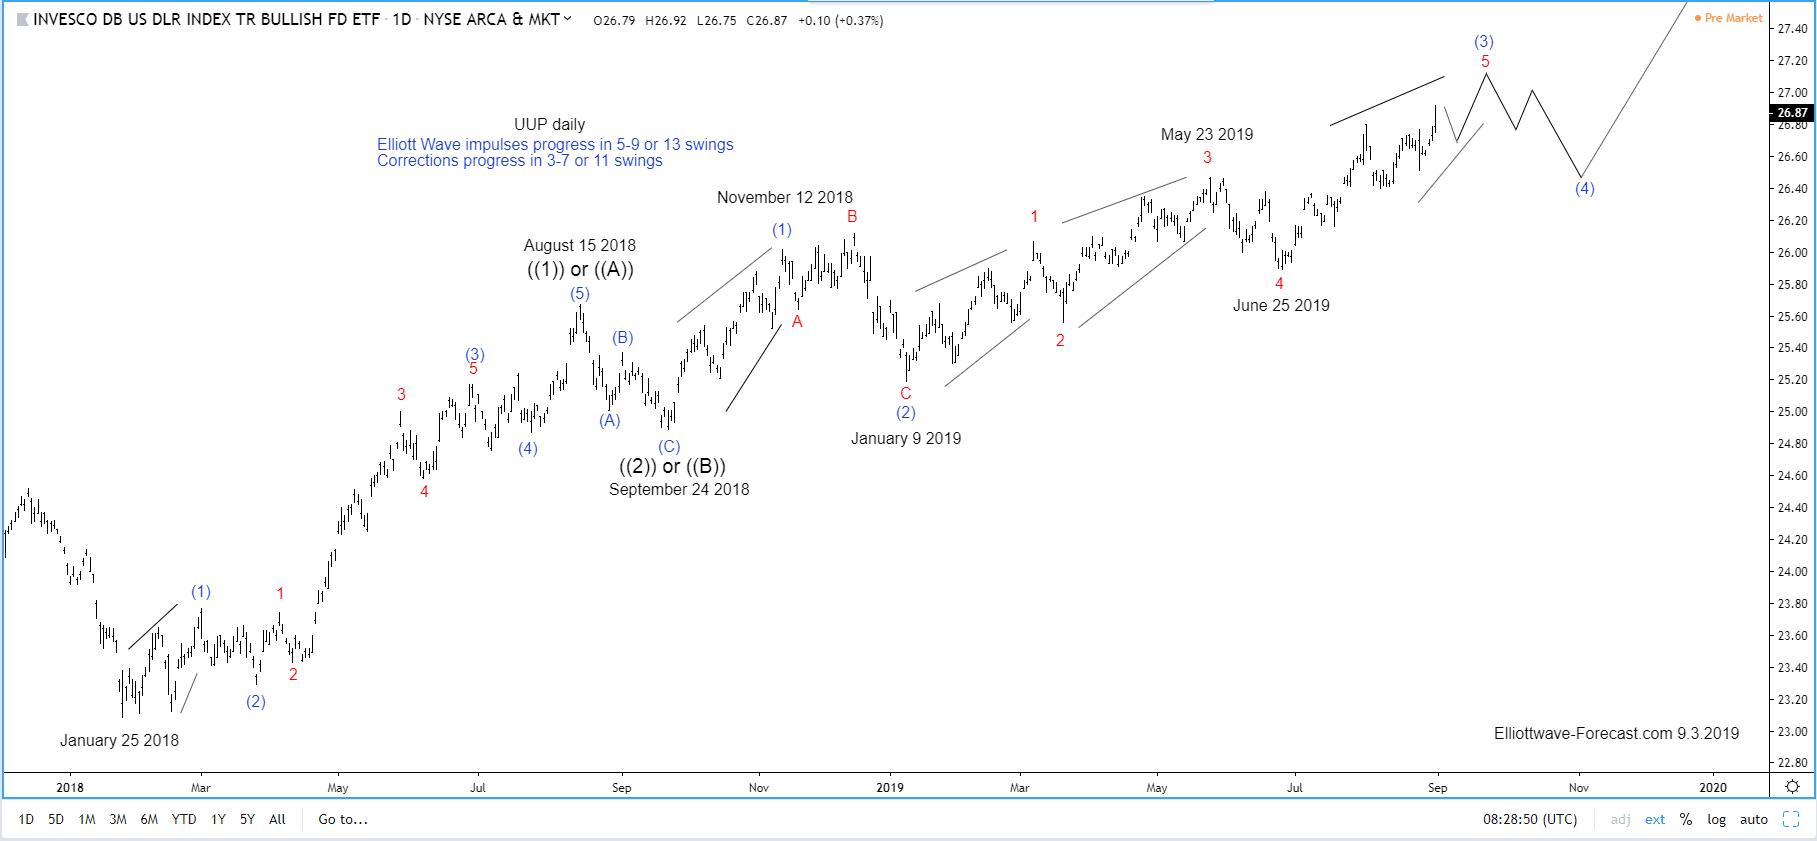 UUP Bullish Cycles from May 2011 lows